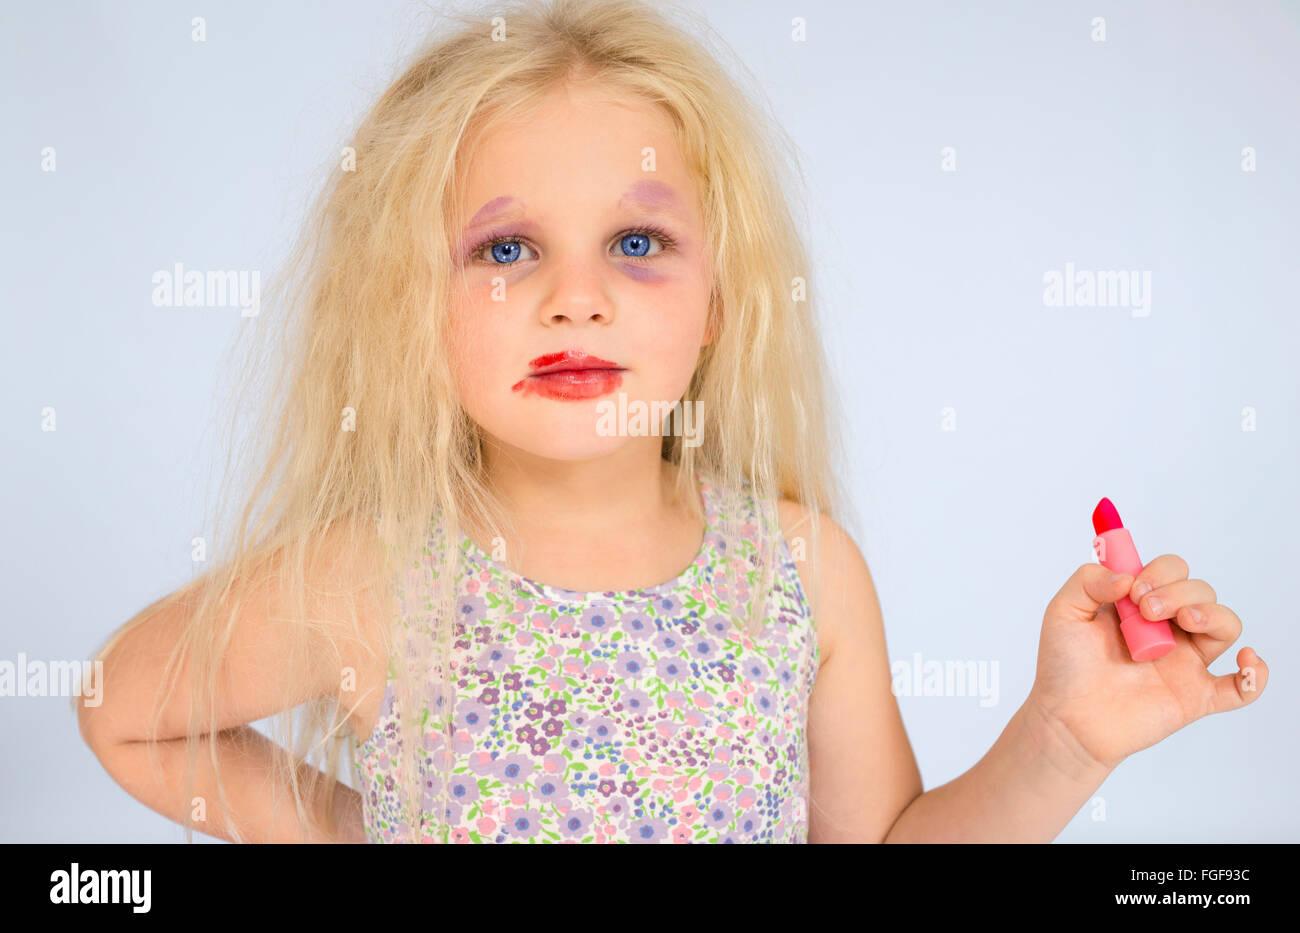 Muchacha con cabello rubio vistiendo maquillaje manchado sosteniendo un lápiz labial rojo Imagen De Stock